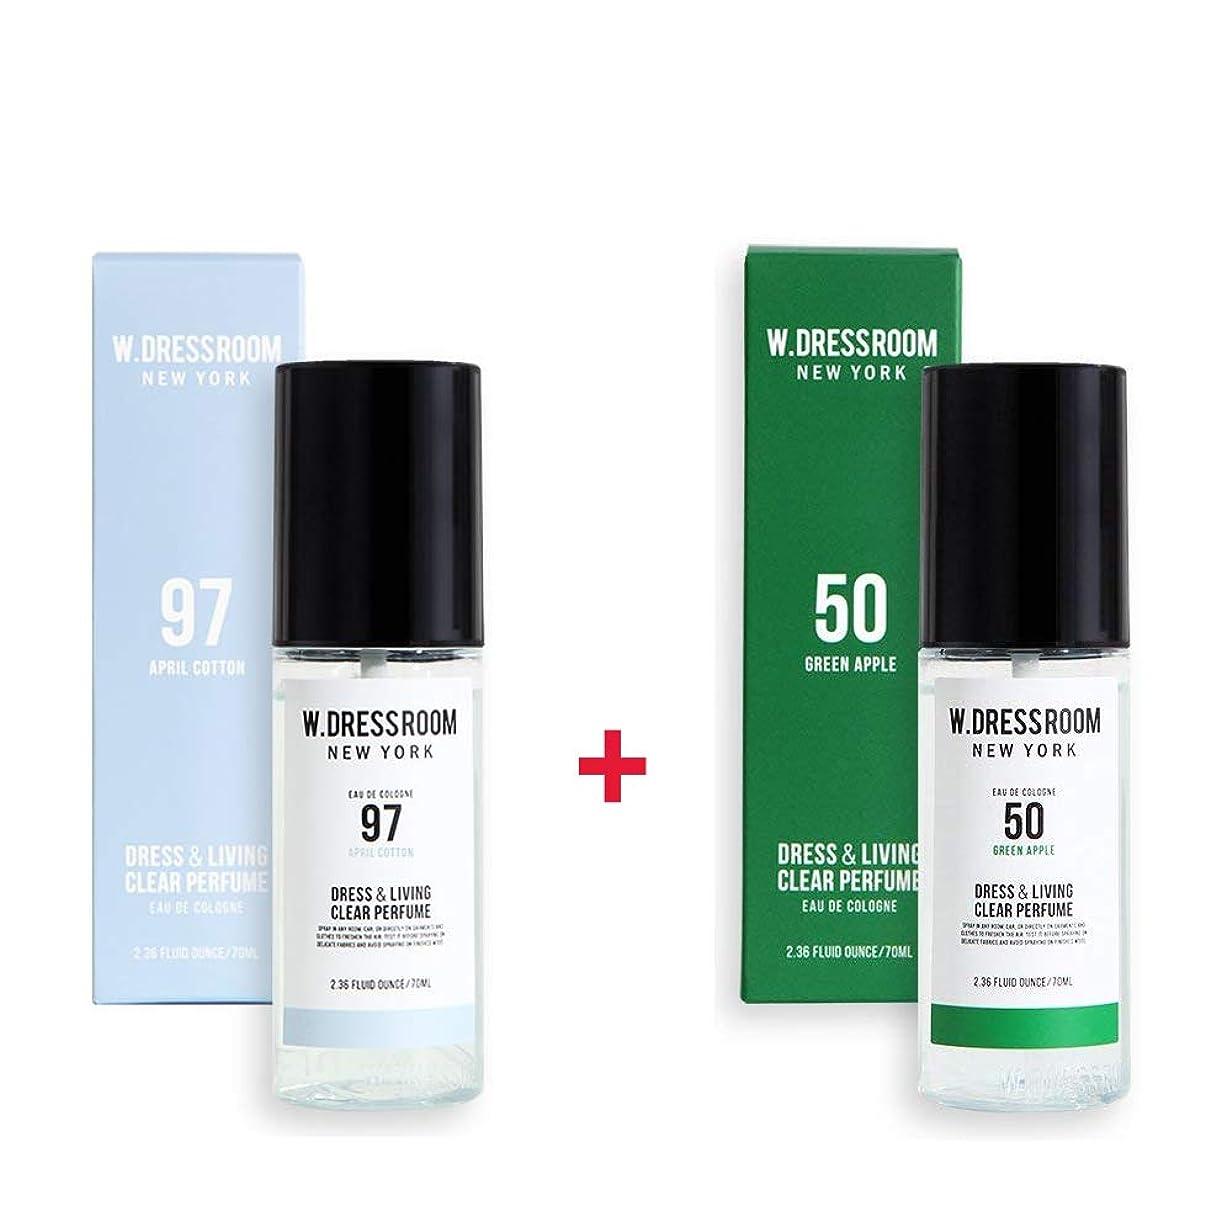 達成平等殉教者W.DRESSROOM Dress & Living Clear Perfume 70ml (No 97 April Cotton)+(No 50 Green Apple)